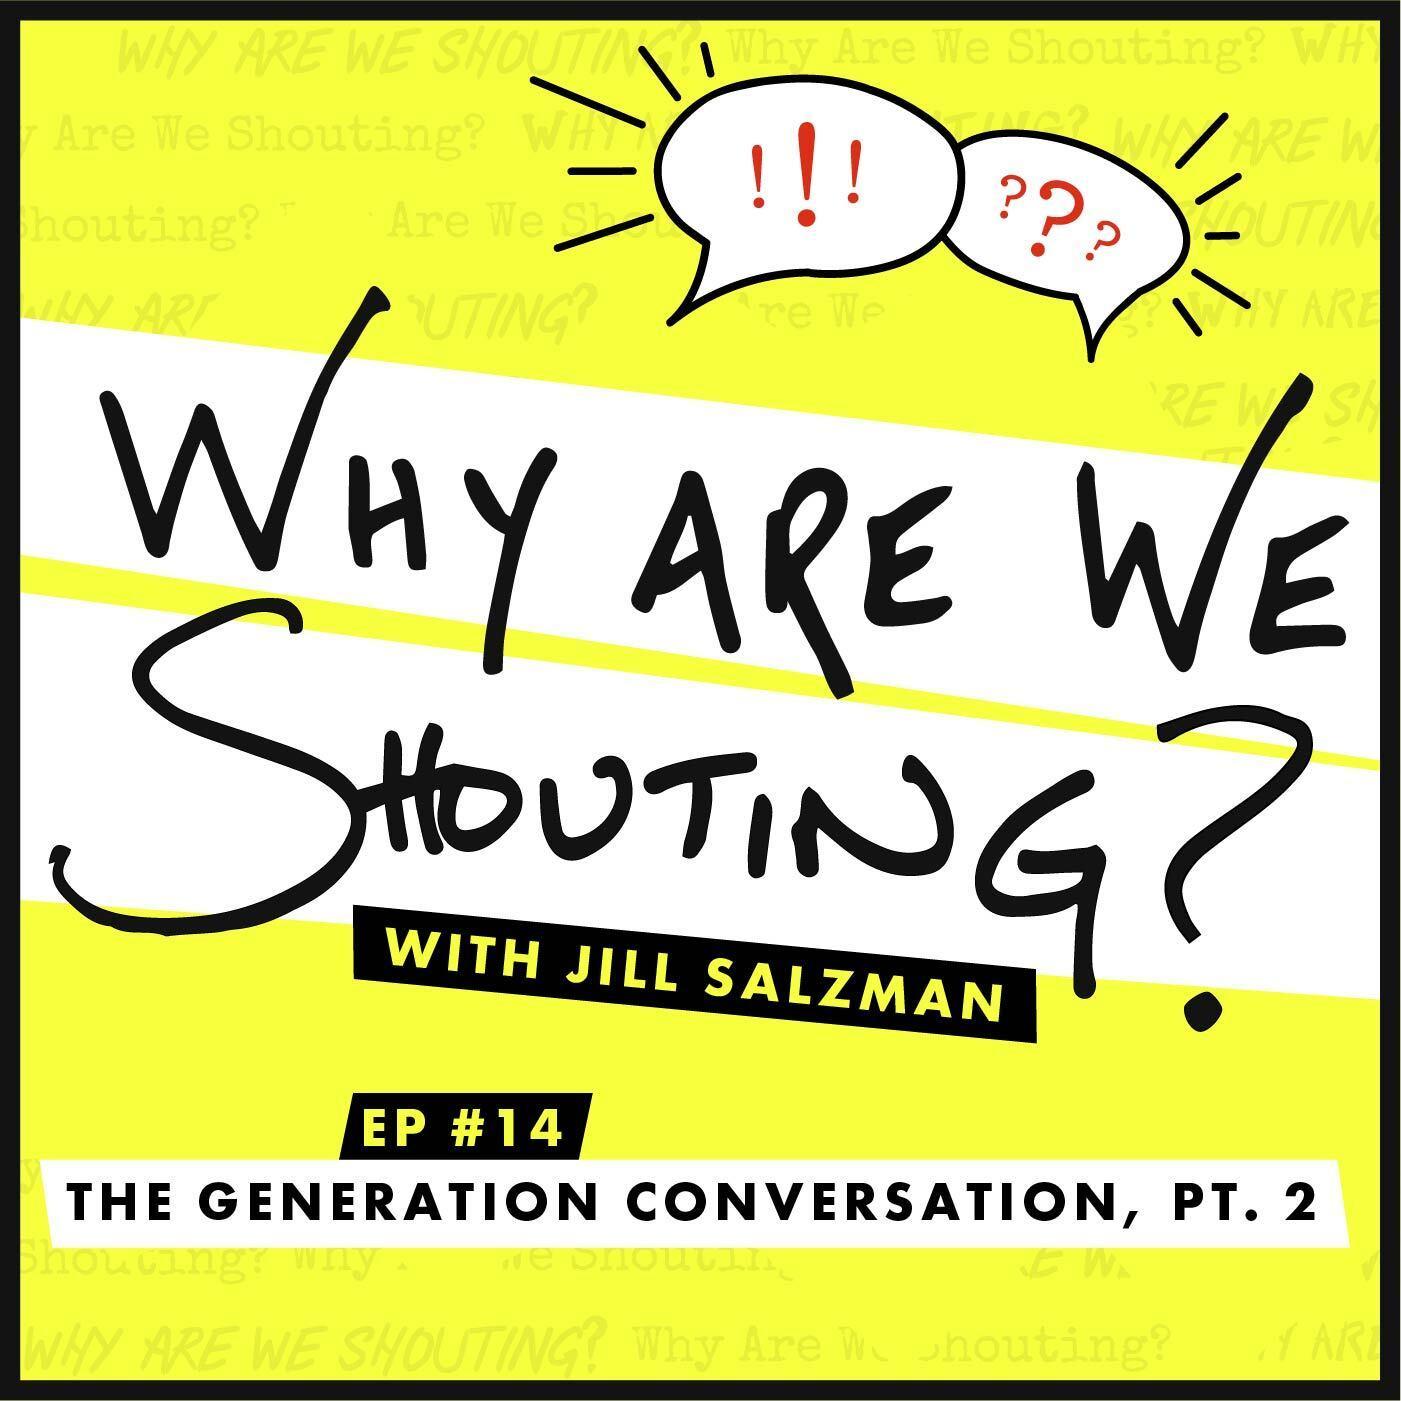 The Generation Conversation, Part 2